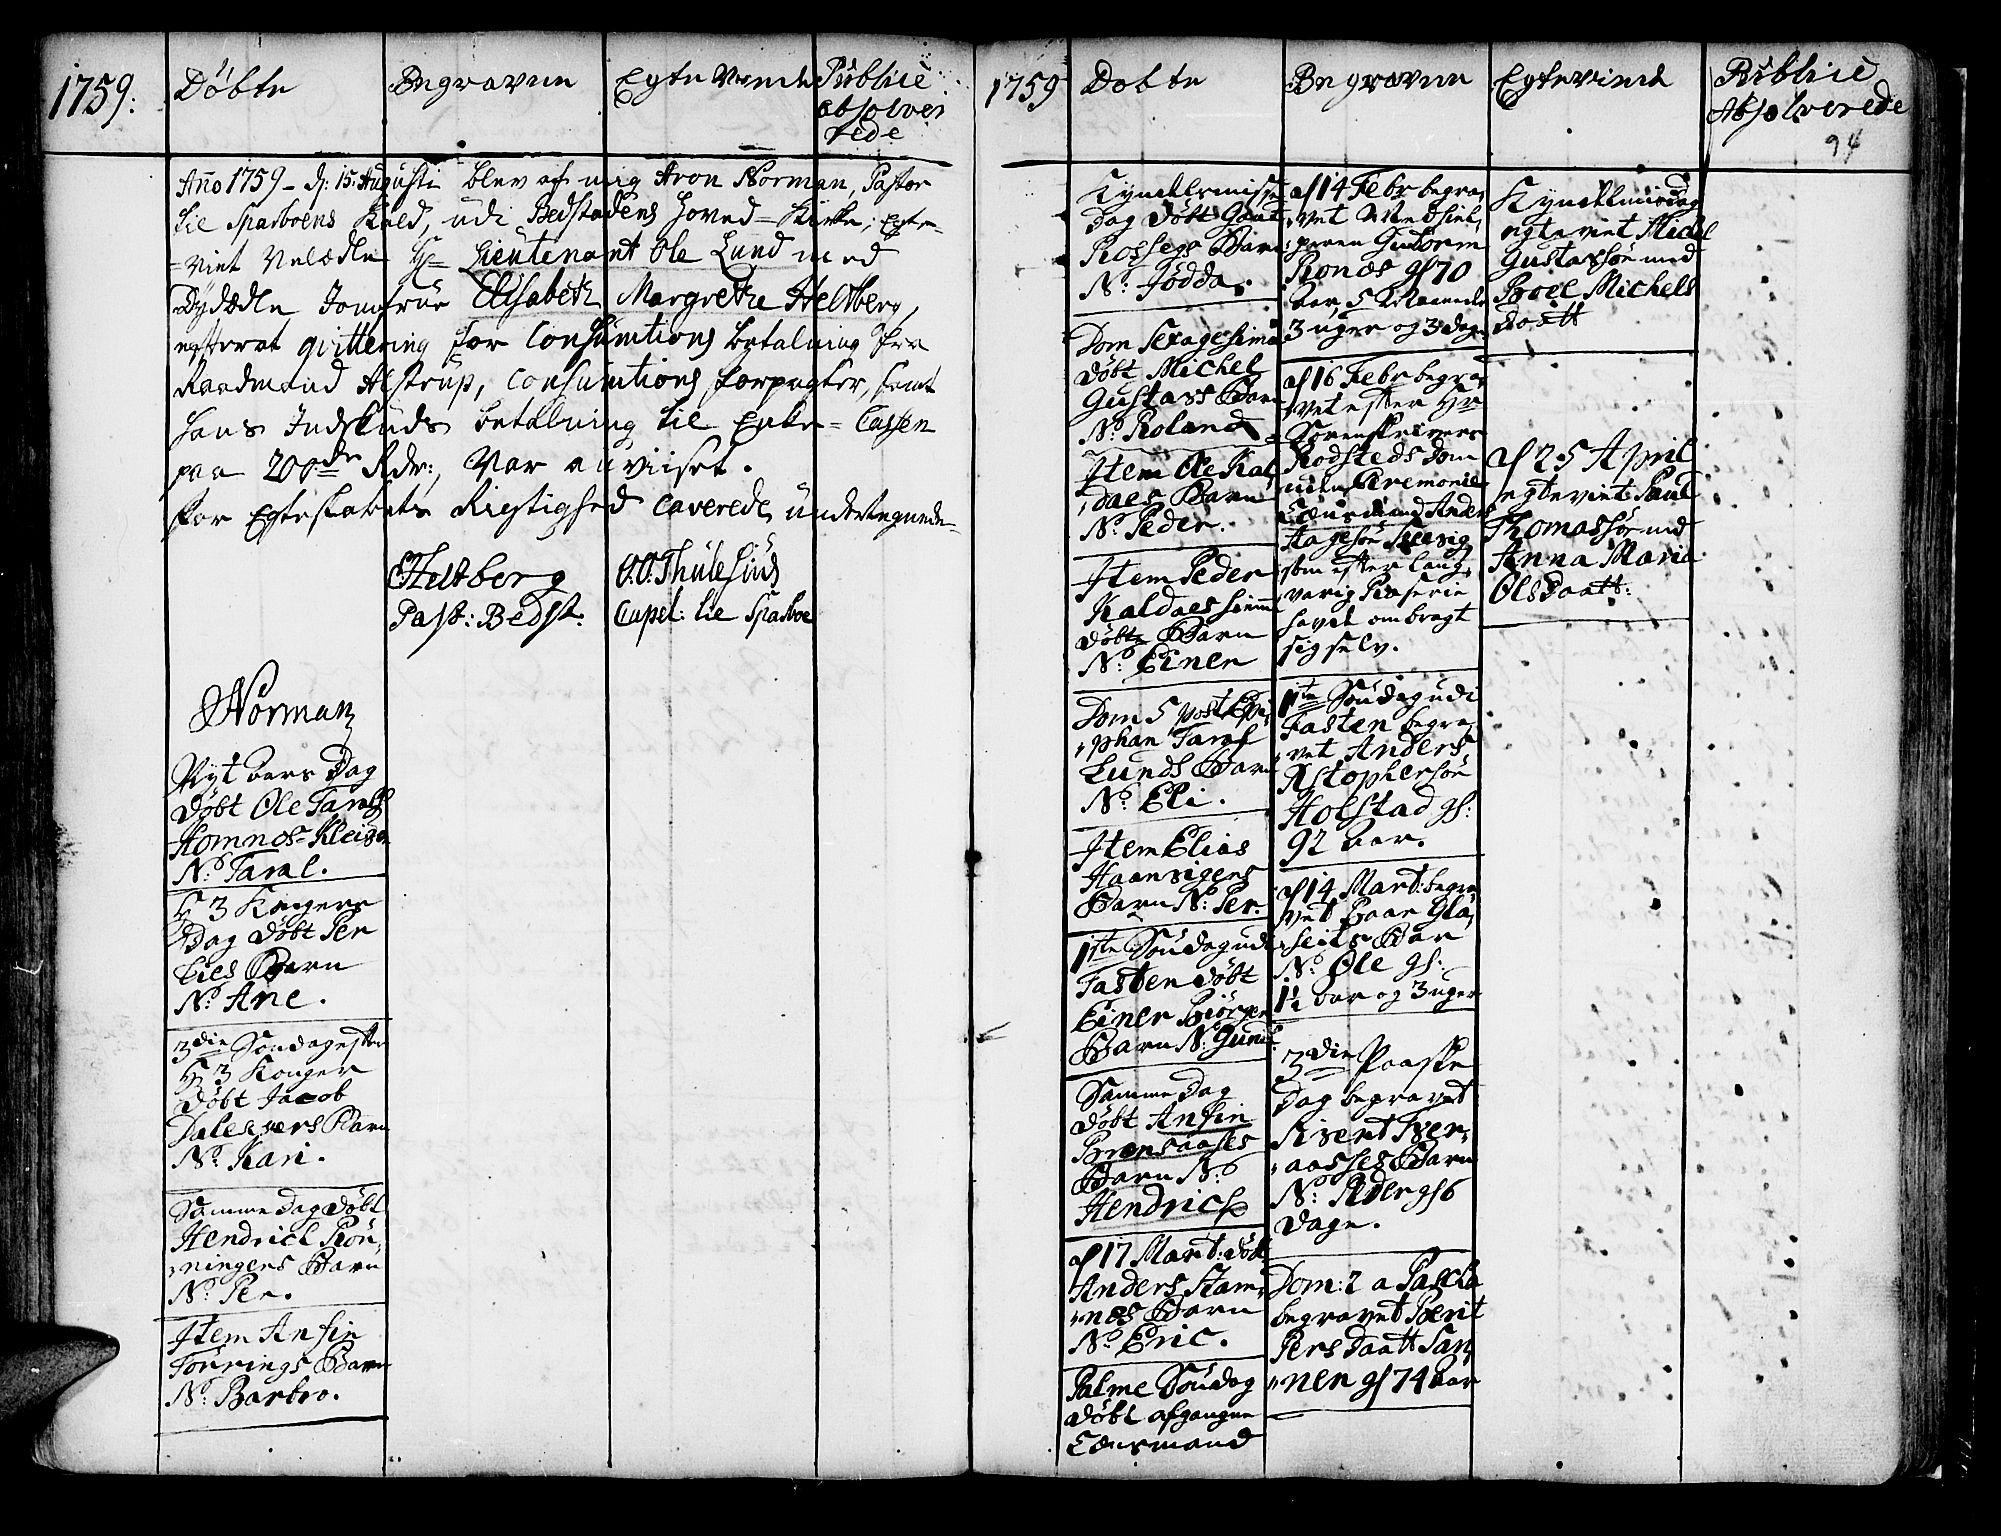 SAT, Ministerialprotokoller, klokkerbøker og fødselsregistre - Nord-Trøndelag, 741/L0385: Ministerialbok nr. 741A01, 1722-1815, s. 94